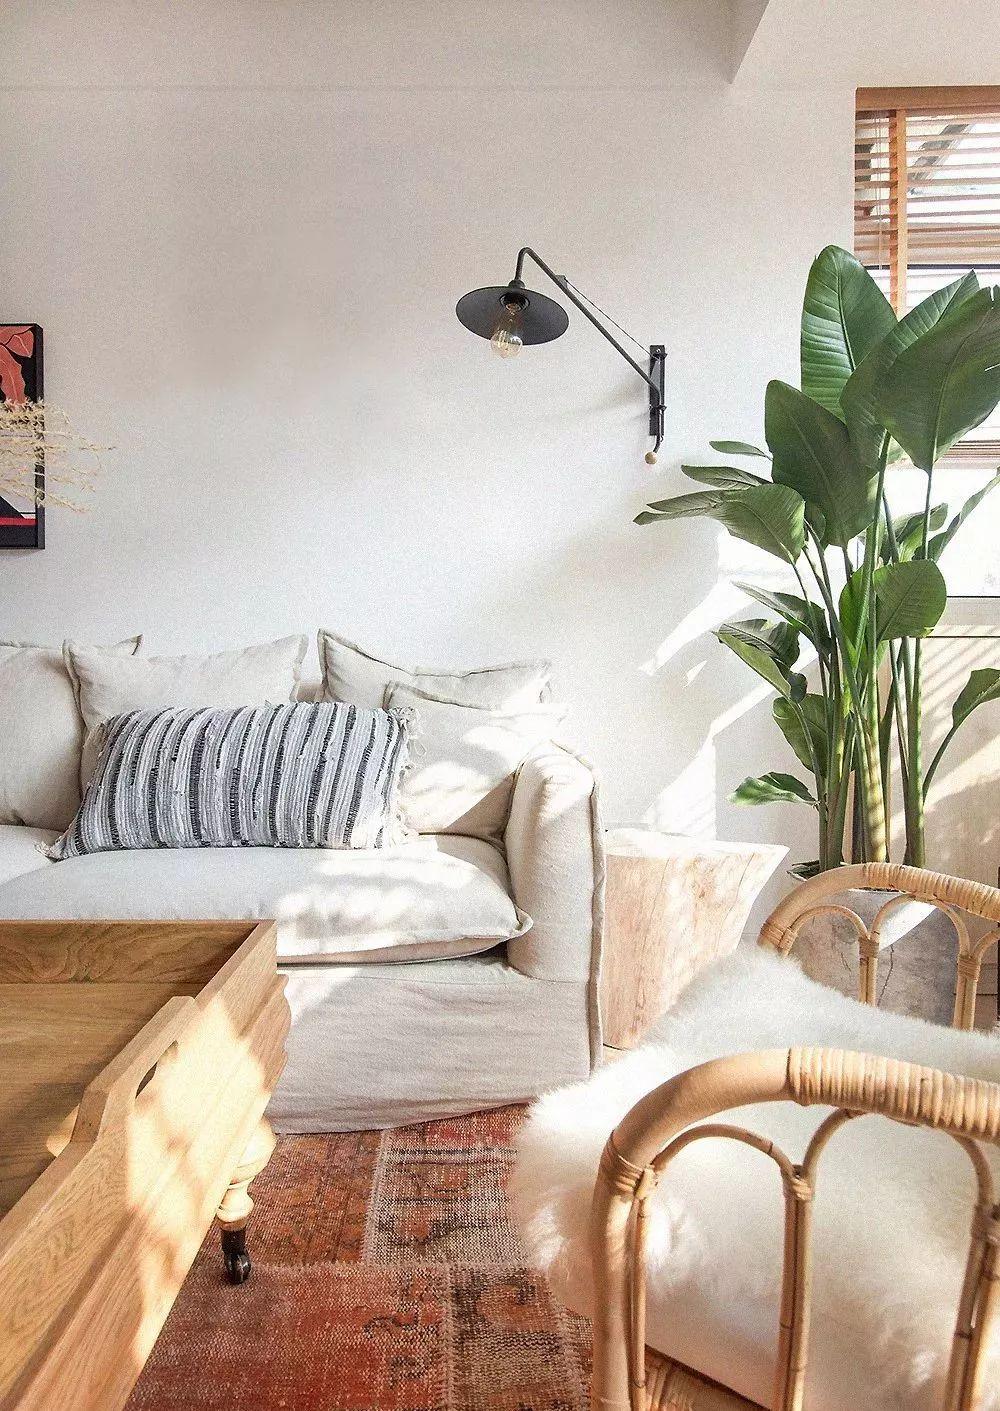 75㎡?北欧复古两居室,家就是要有温暖的生活感!